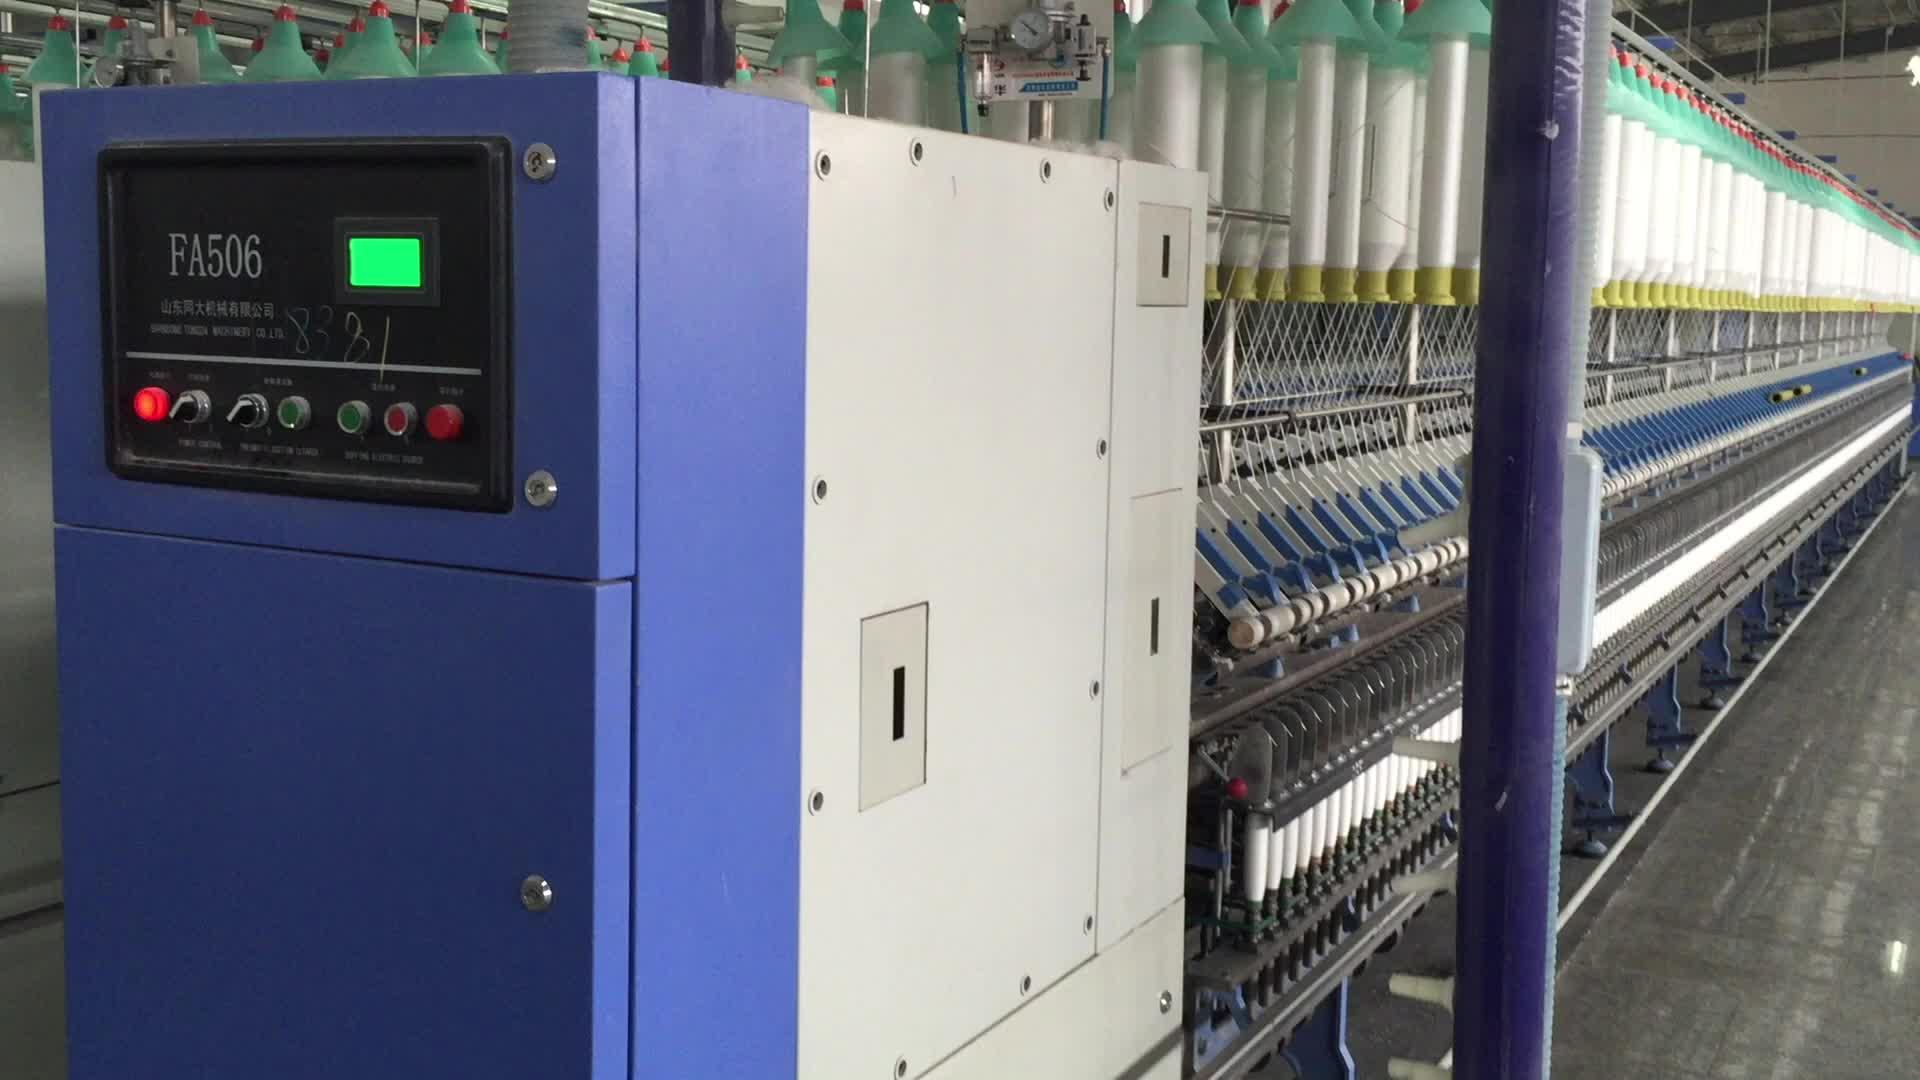 Filati di cotone di Filatura Mulino Macchine Tessili Per La Filatura FA506 Filatura Ad Anello Macchina